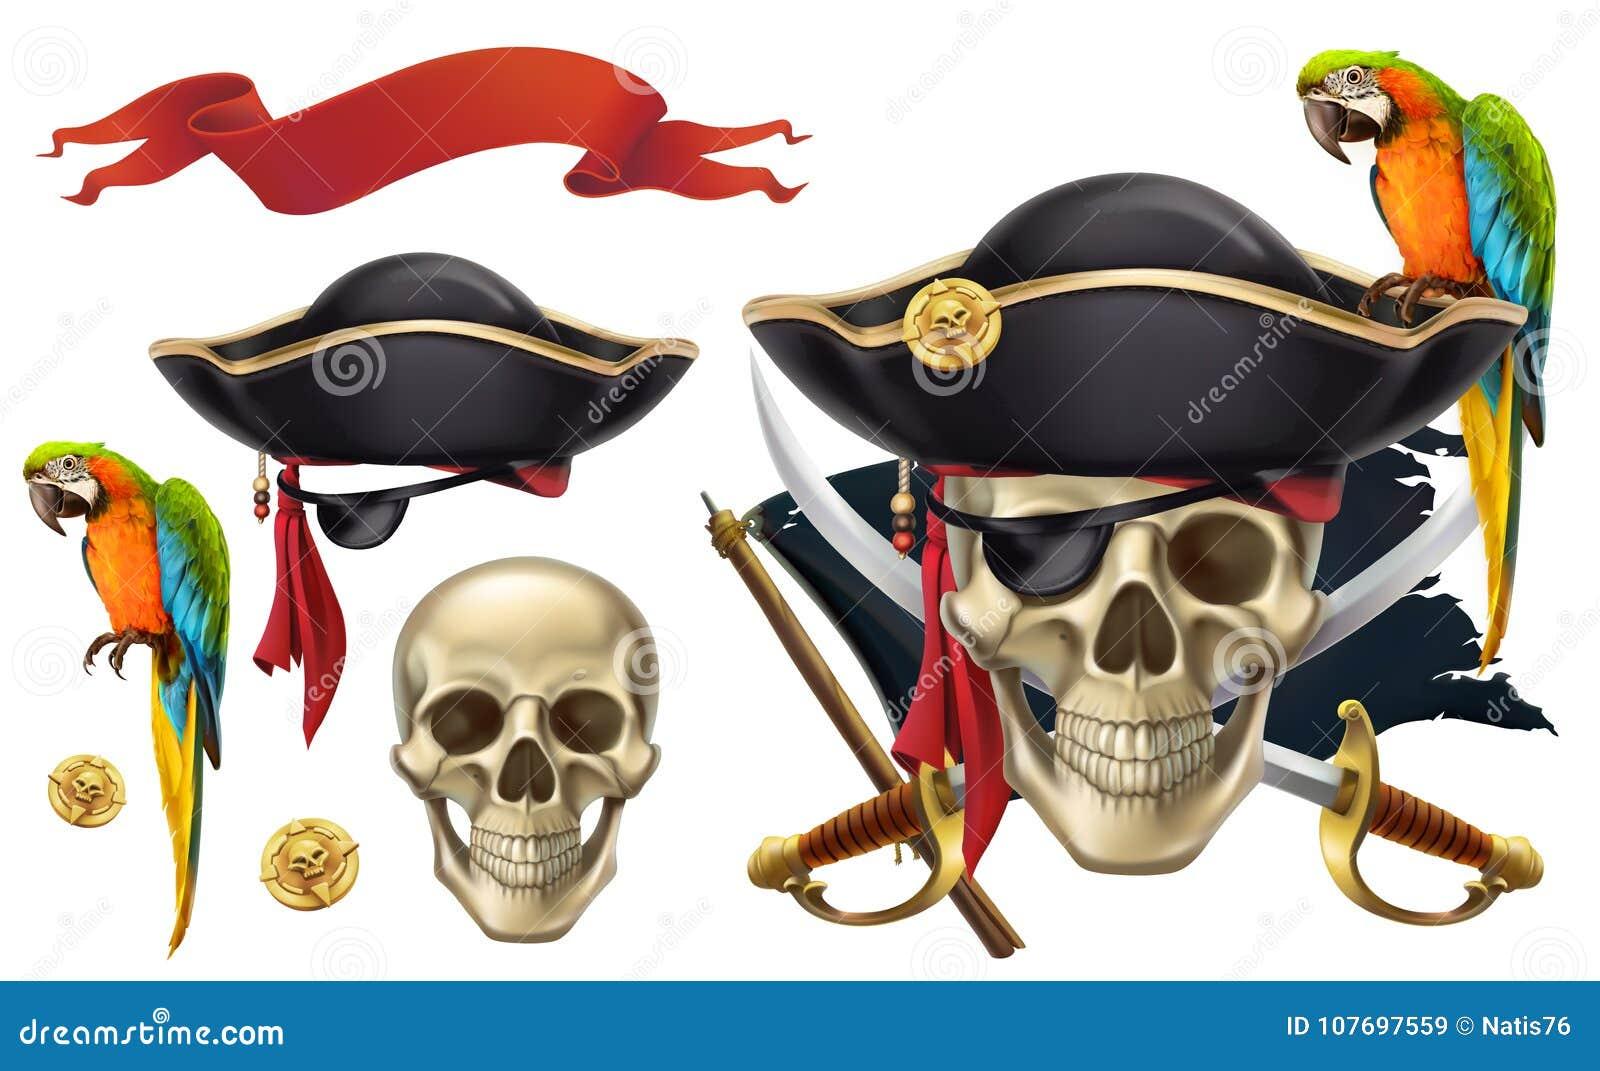 Schedel en papegaai piraatembleem Drie kleurenpictogrammen op kartonmarkeringen